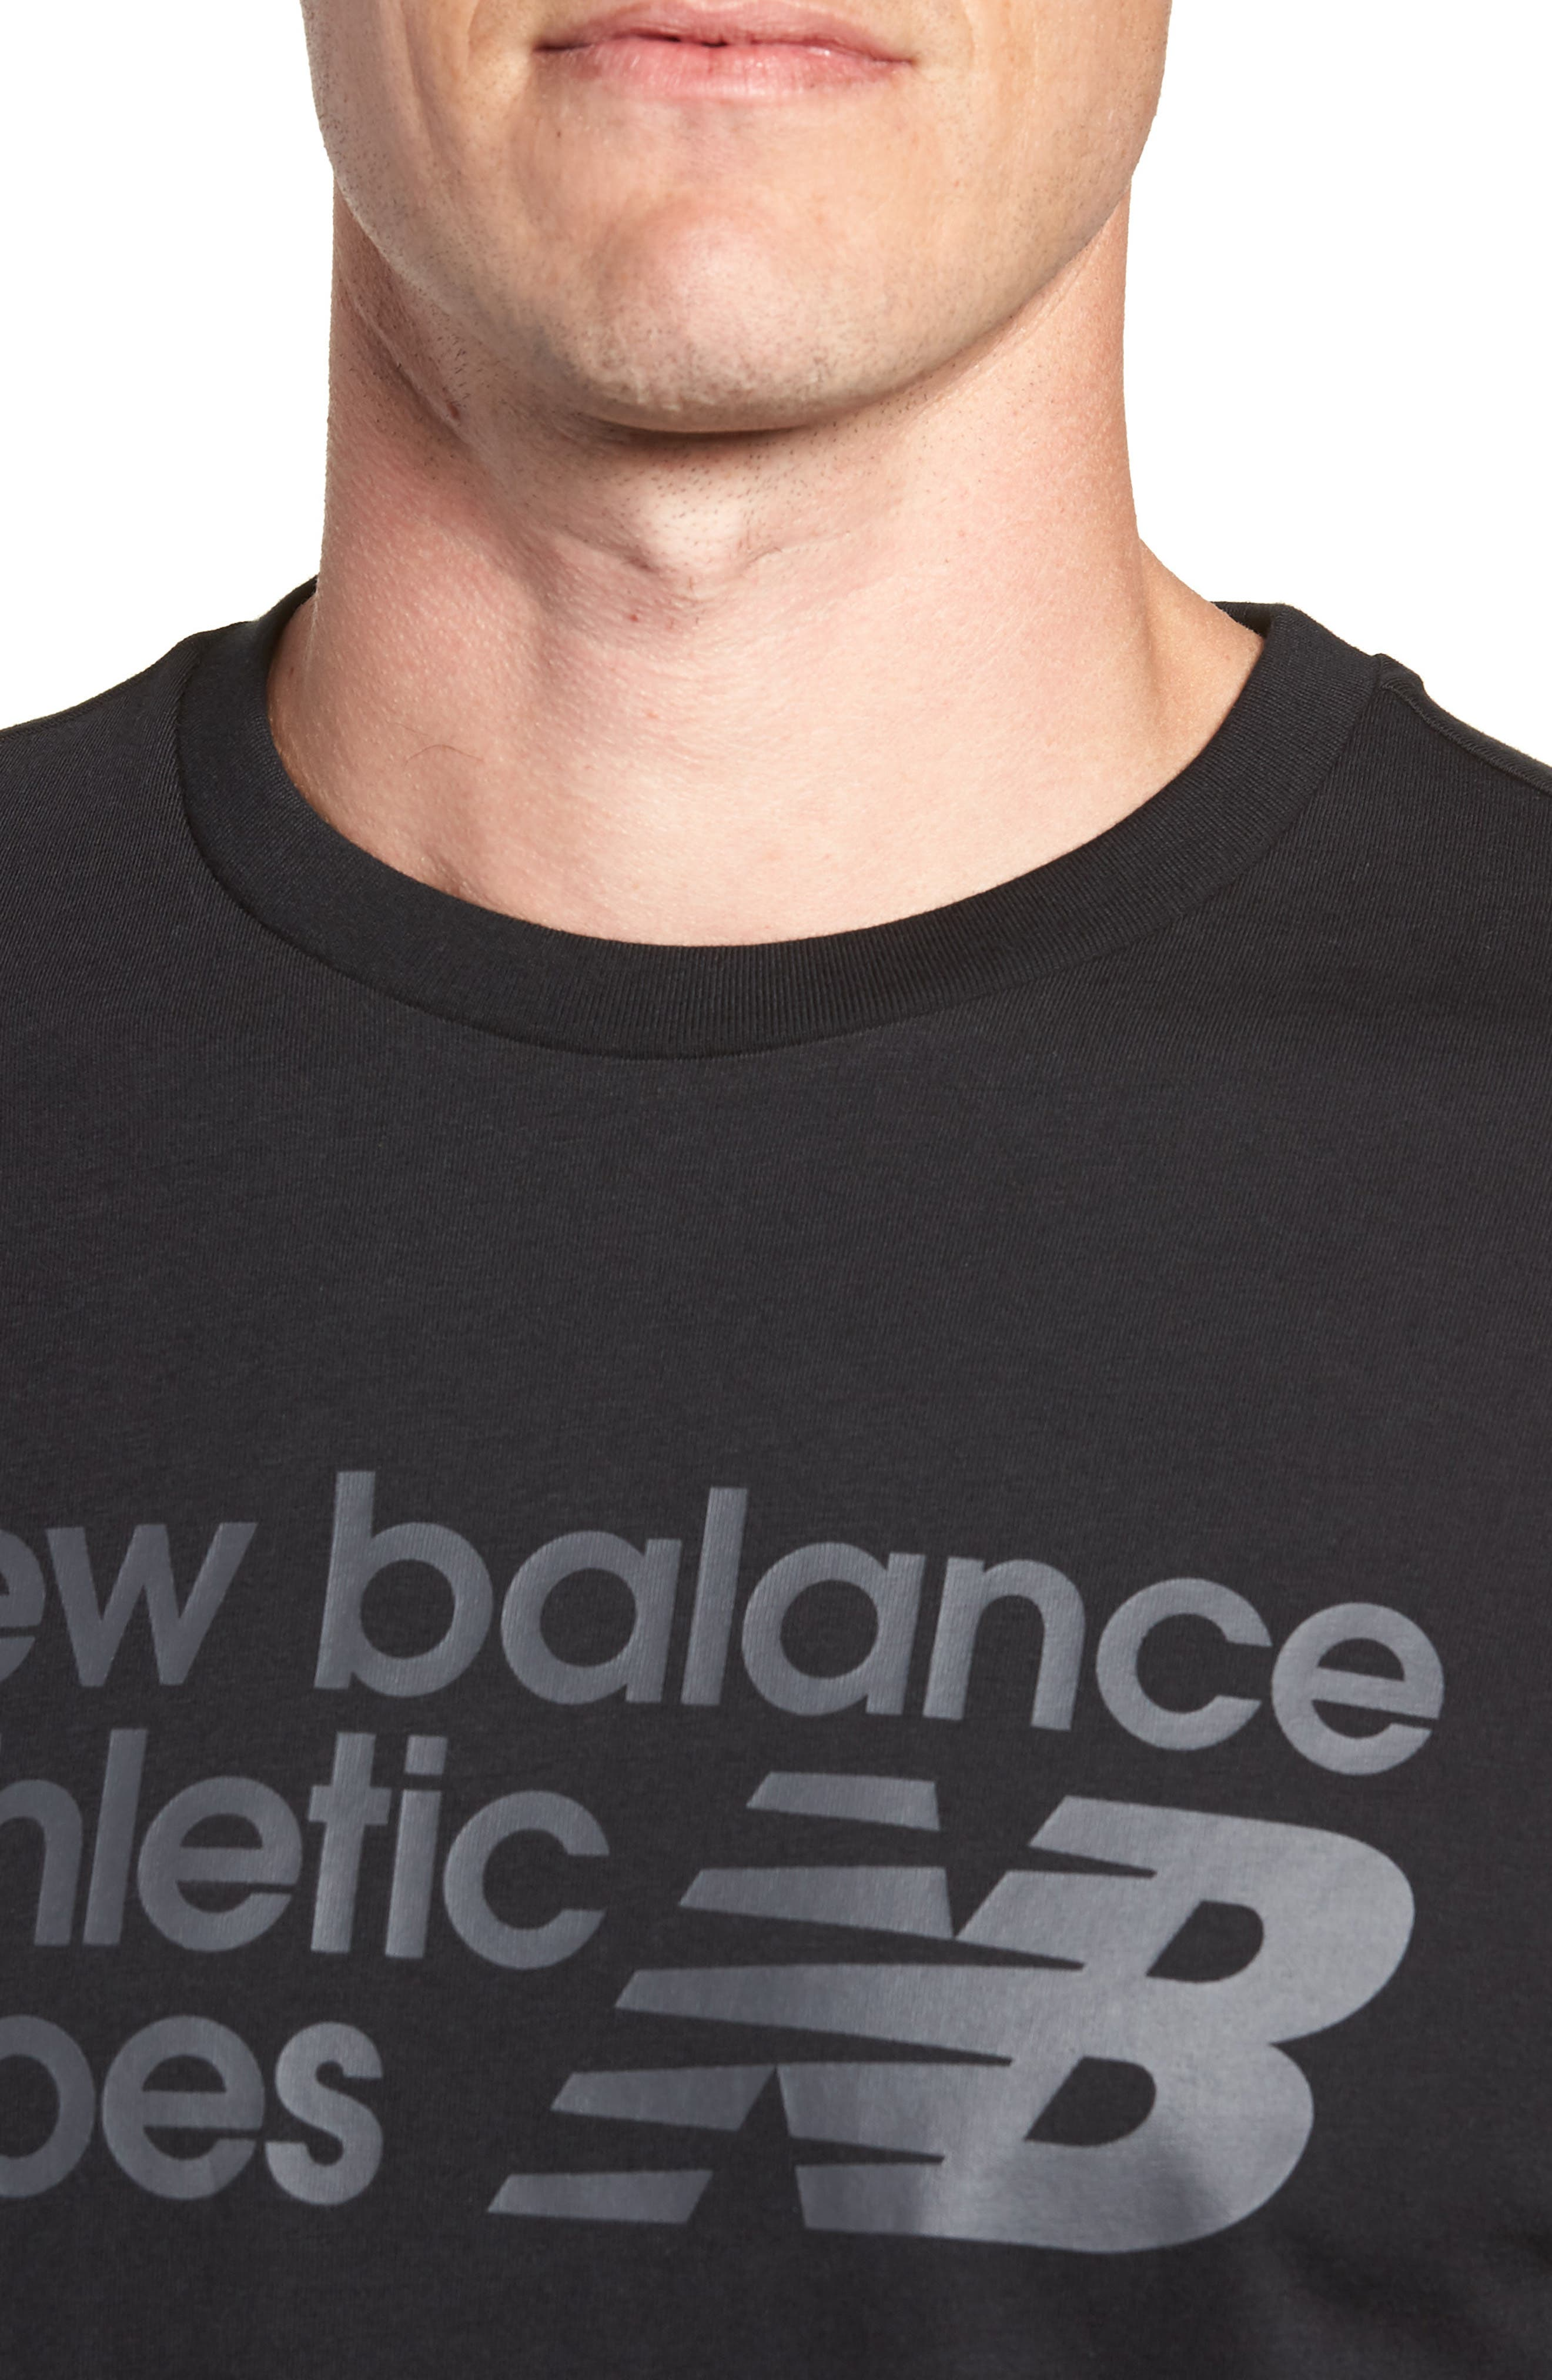 NB Shoe Box Graphic T-Shirt,                             Alternate thumbnail 4, color,                             BLACK